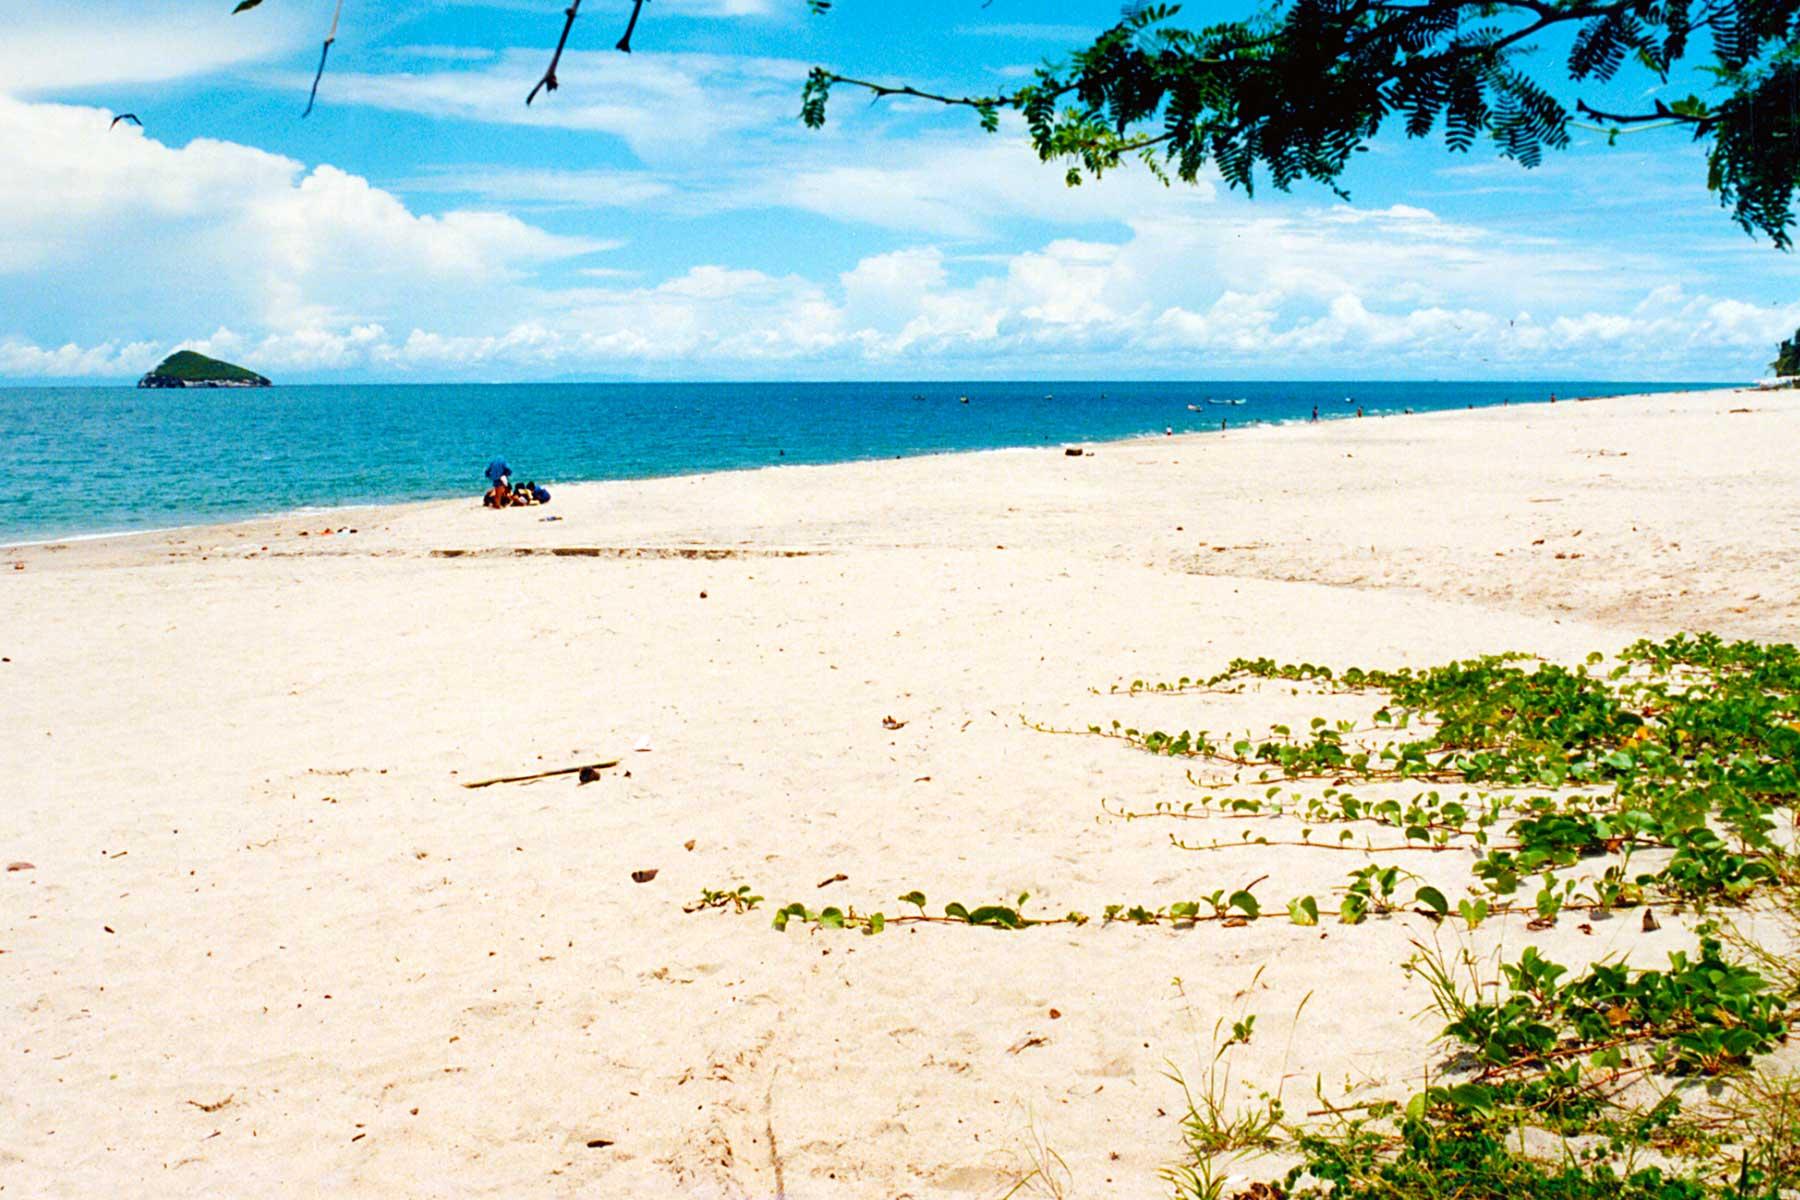 Beach | Panama | Steven Andrew Martin | South America | Travel Journal | Dr Steven Martin